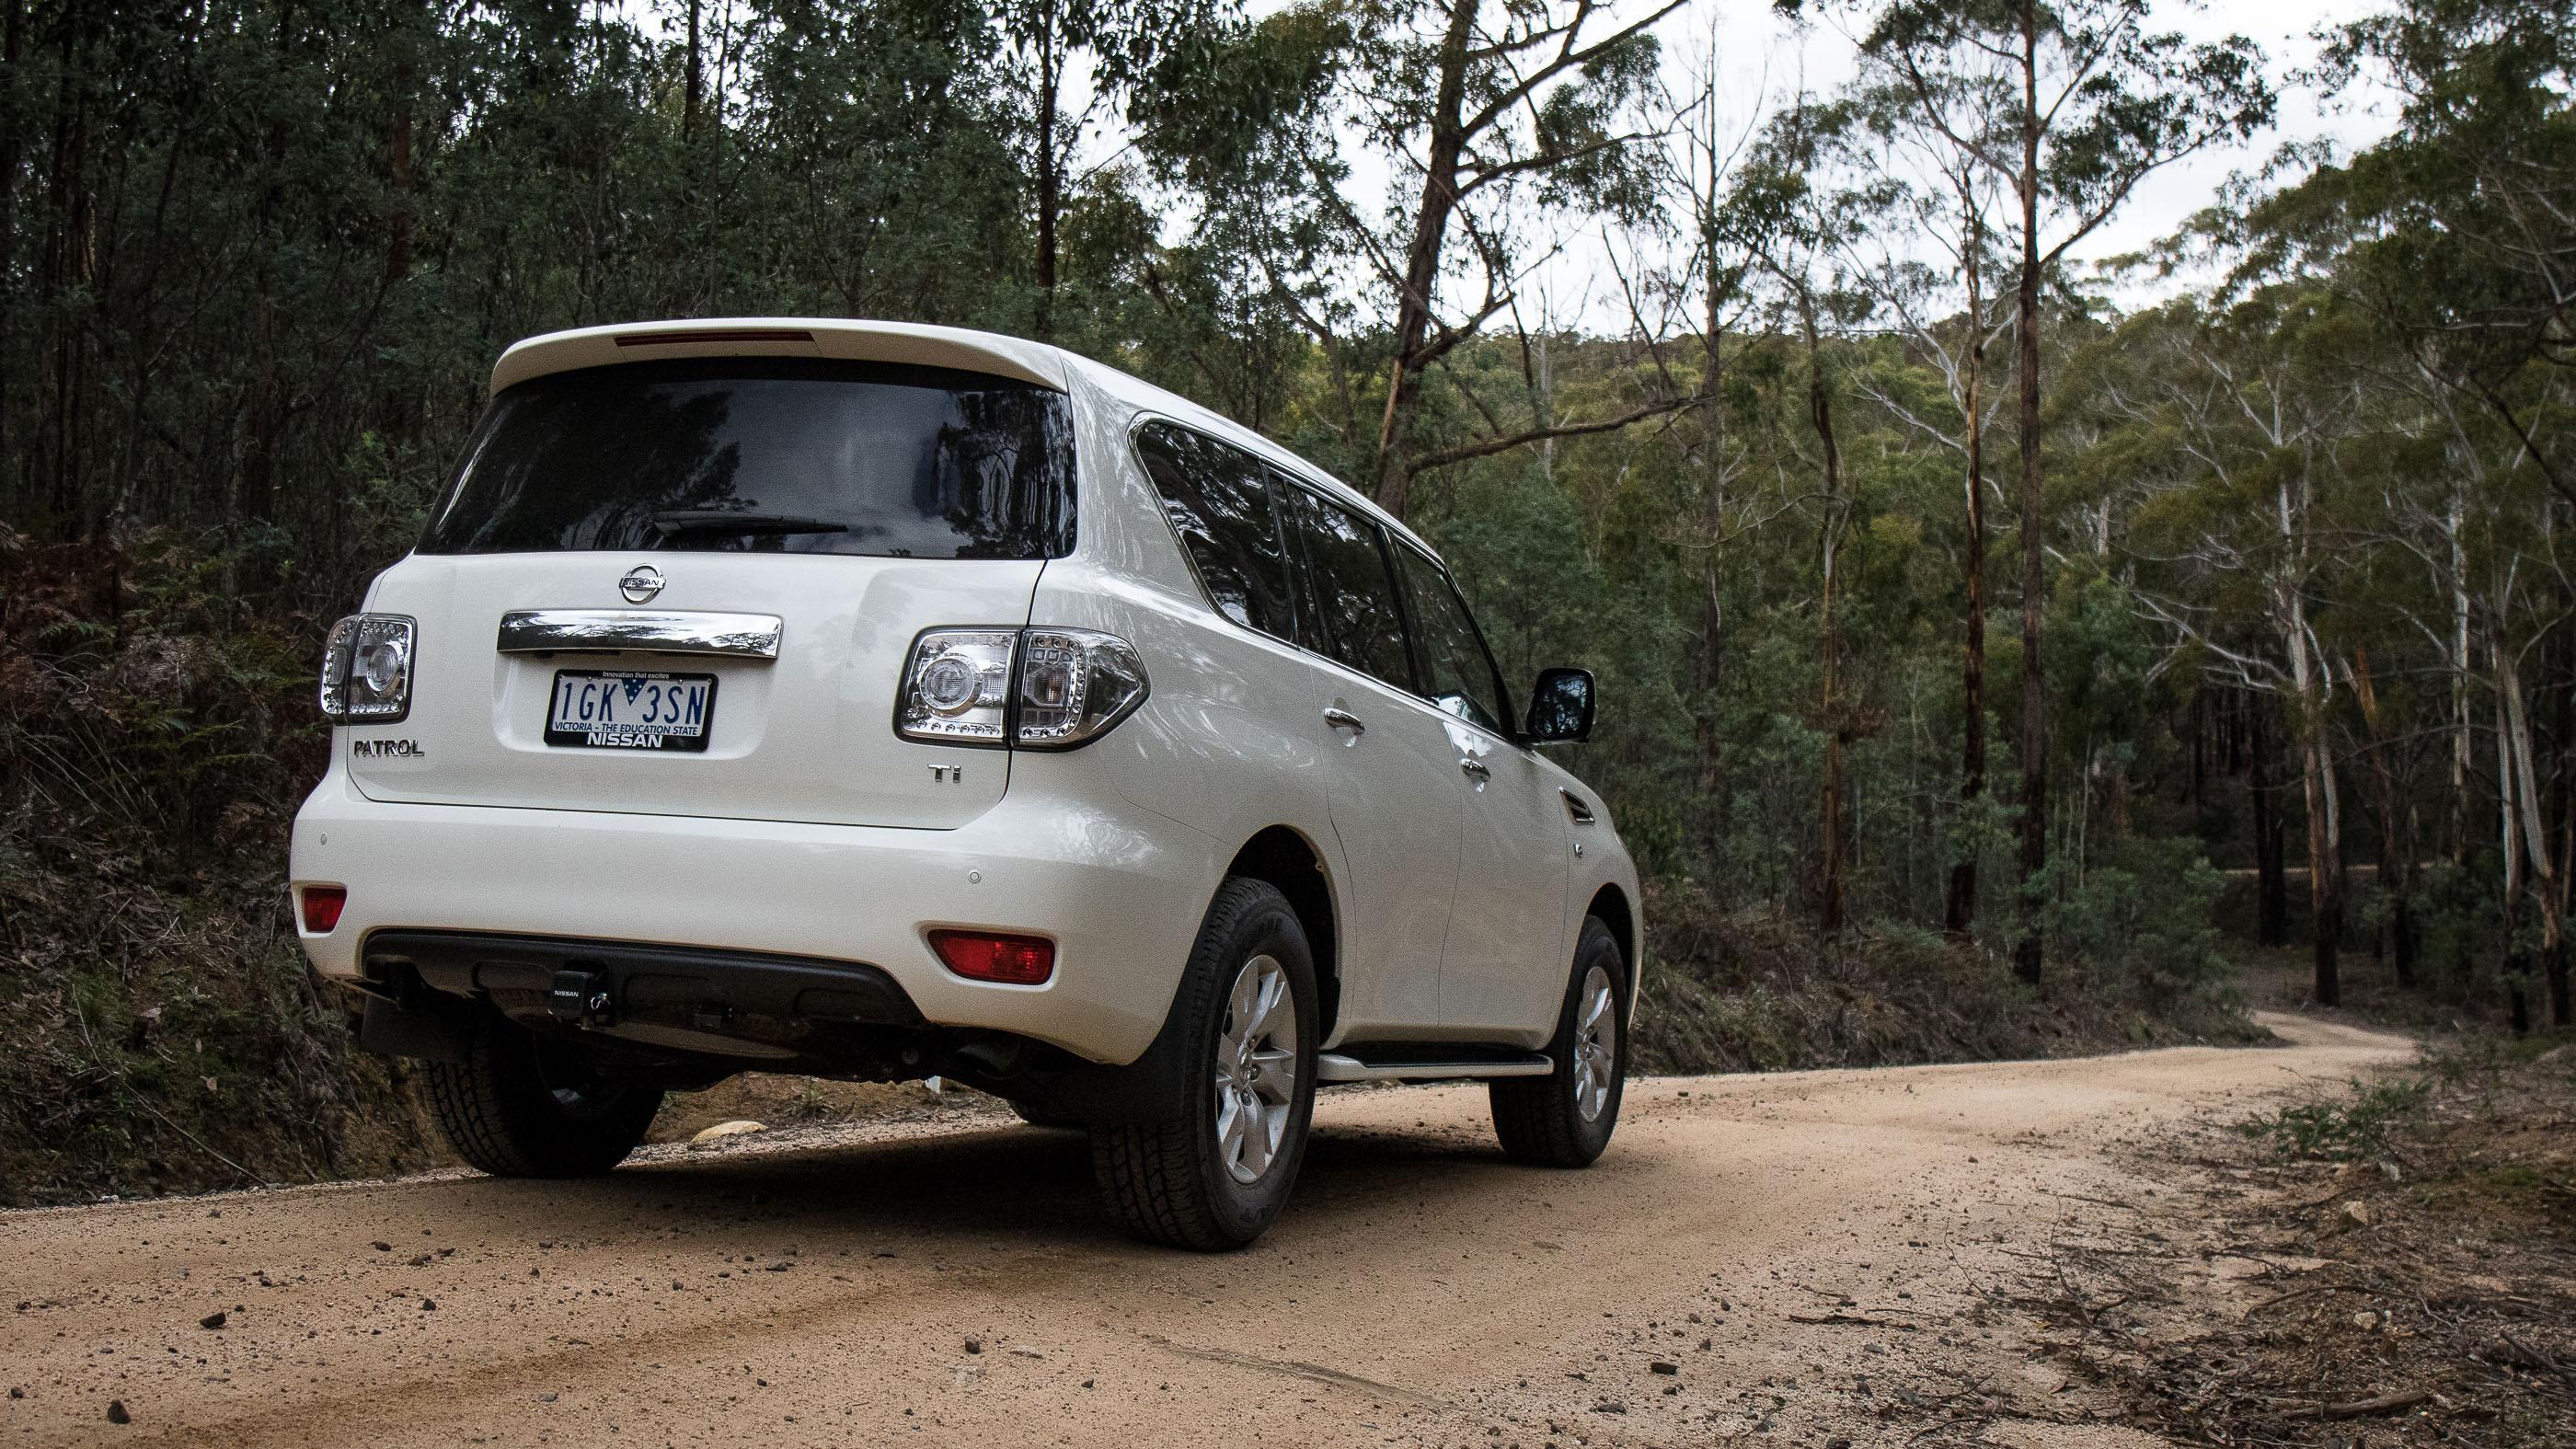 2016 Nissan Patrol Ti Review - photos | CarAdvice